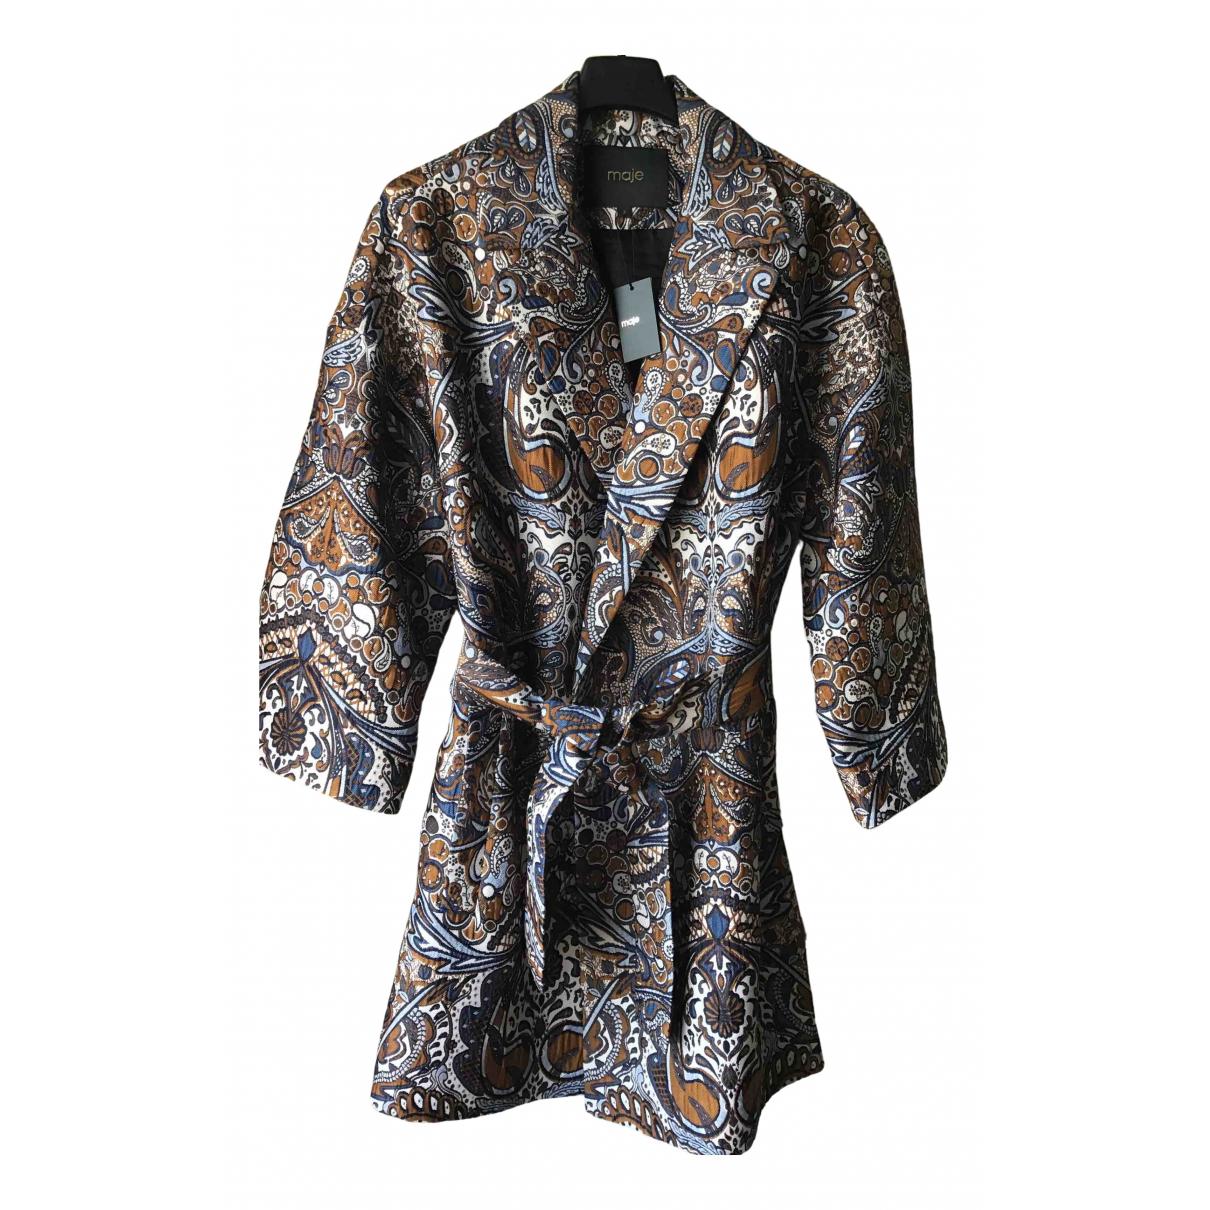 Maje \N Multicolour coat for Women 38 FR